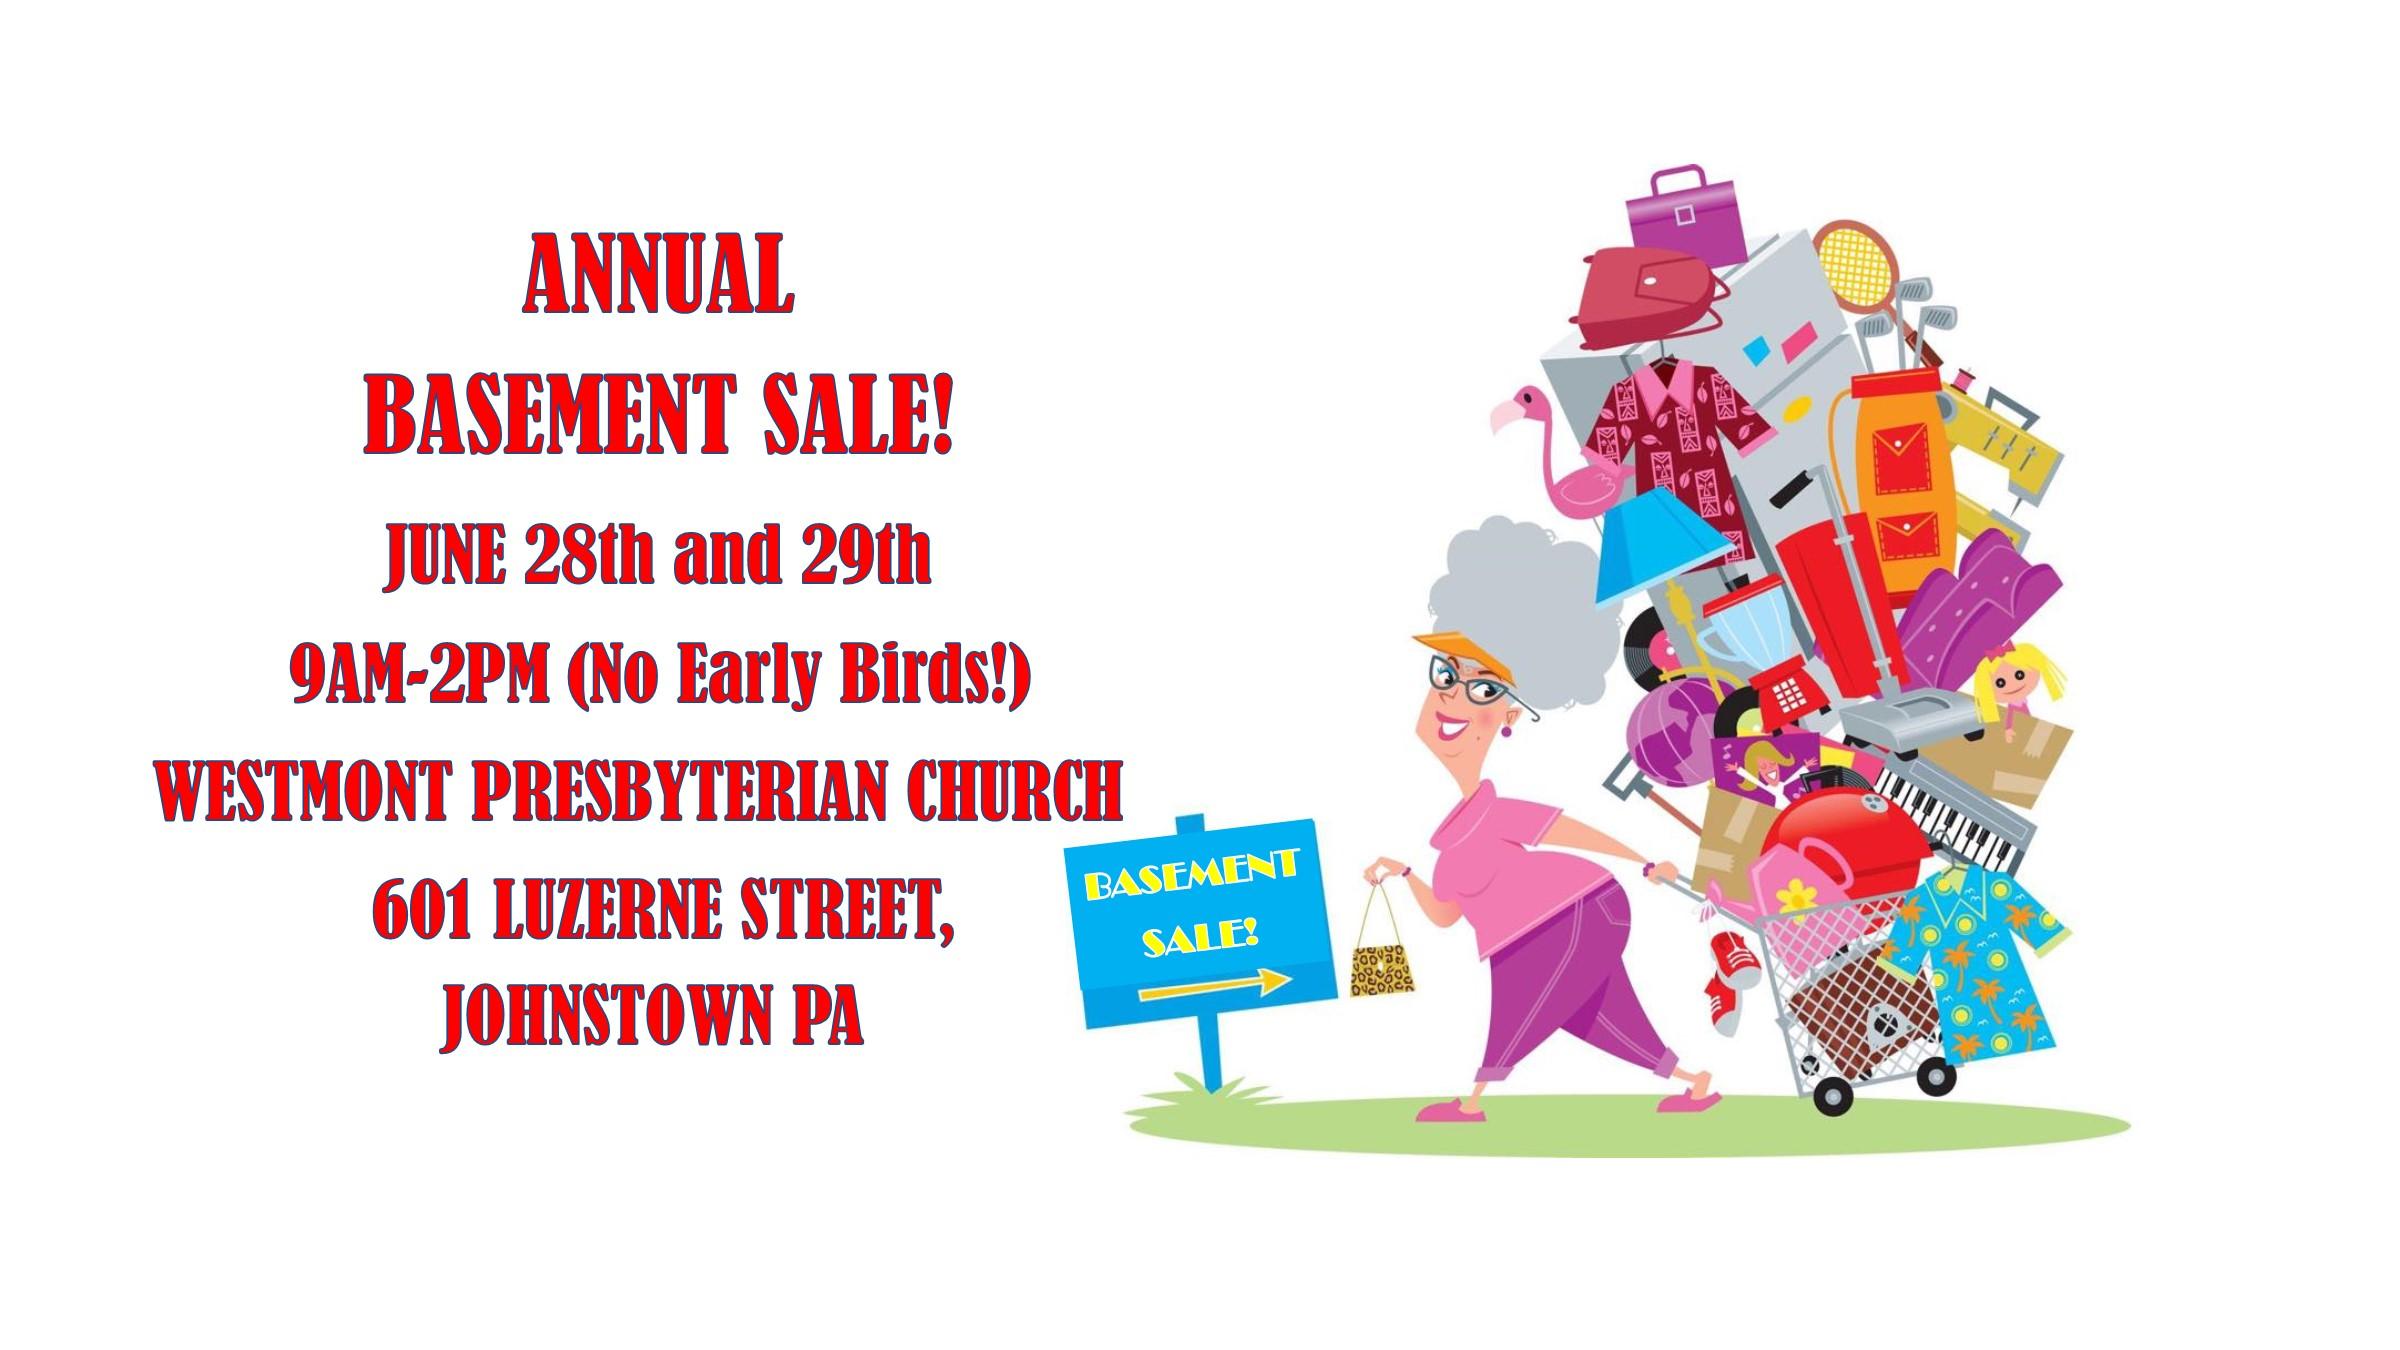 Annual Church Basement Sale